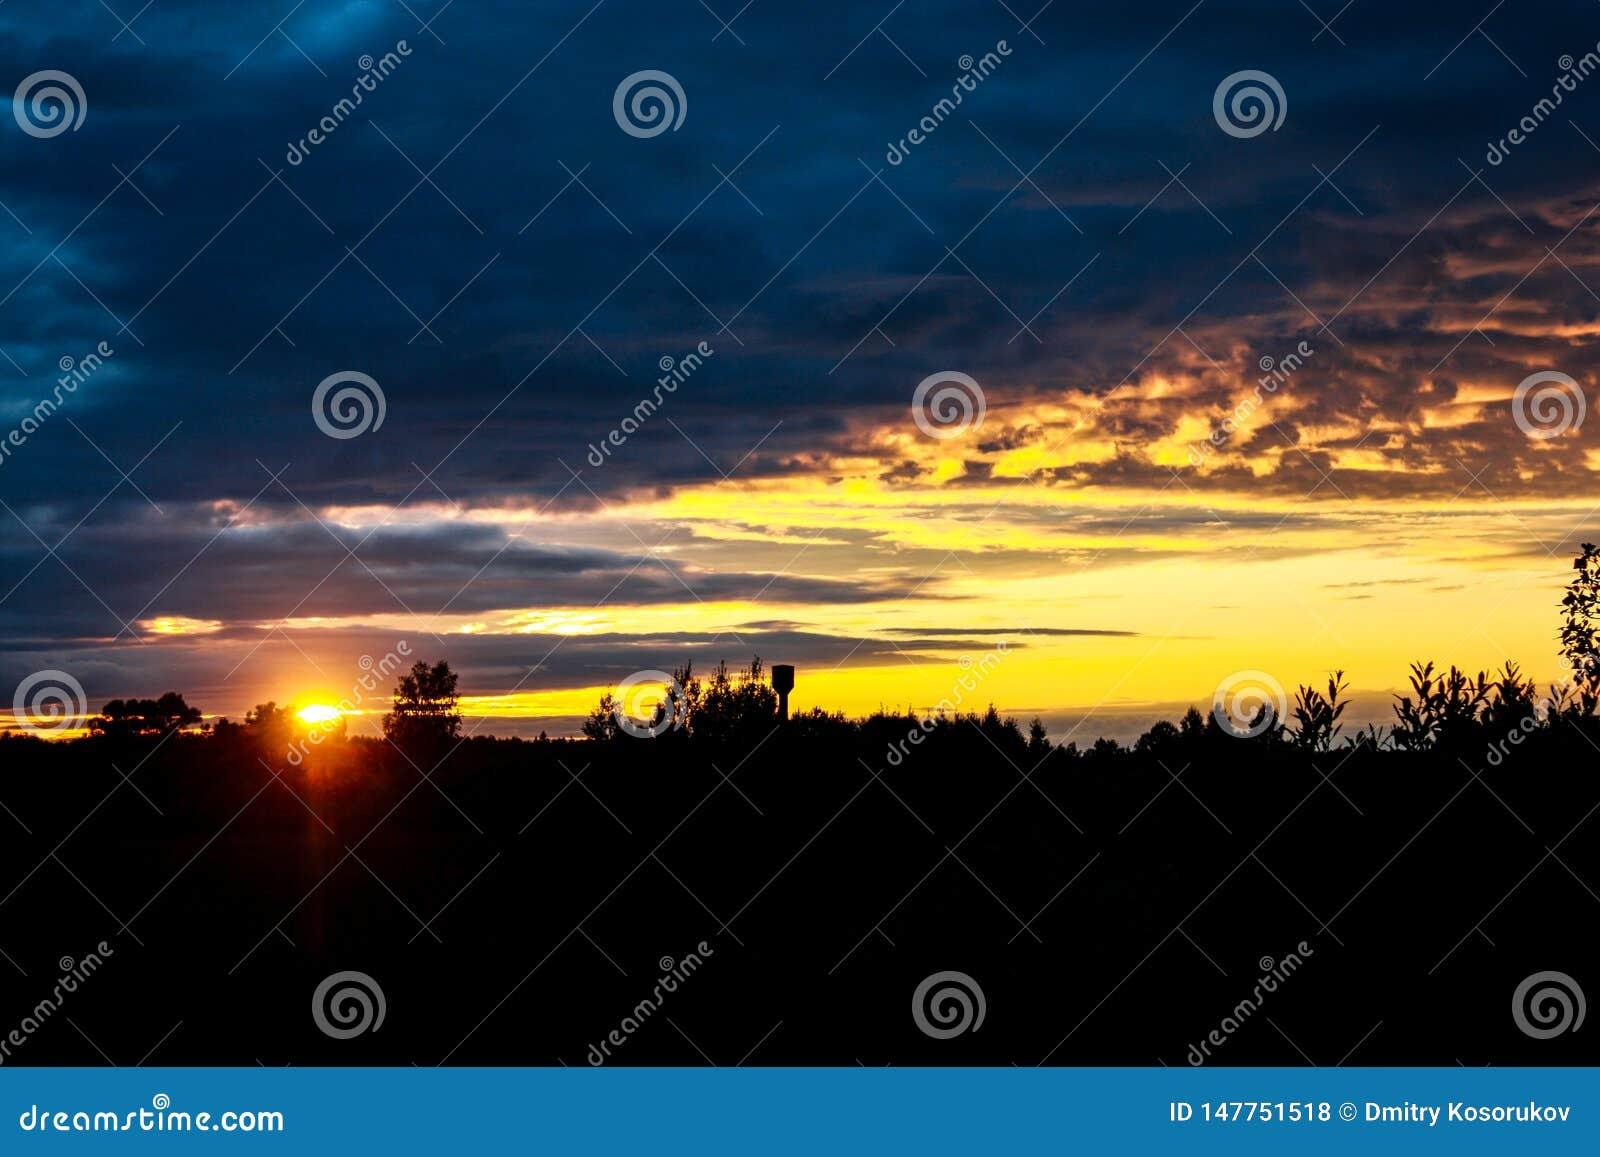 Der Sonnenuntergang im dunklen Wald